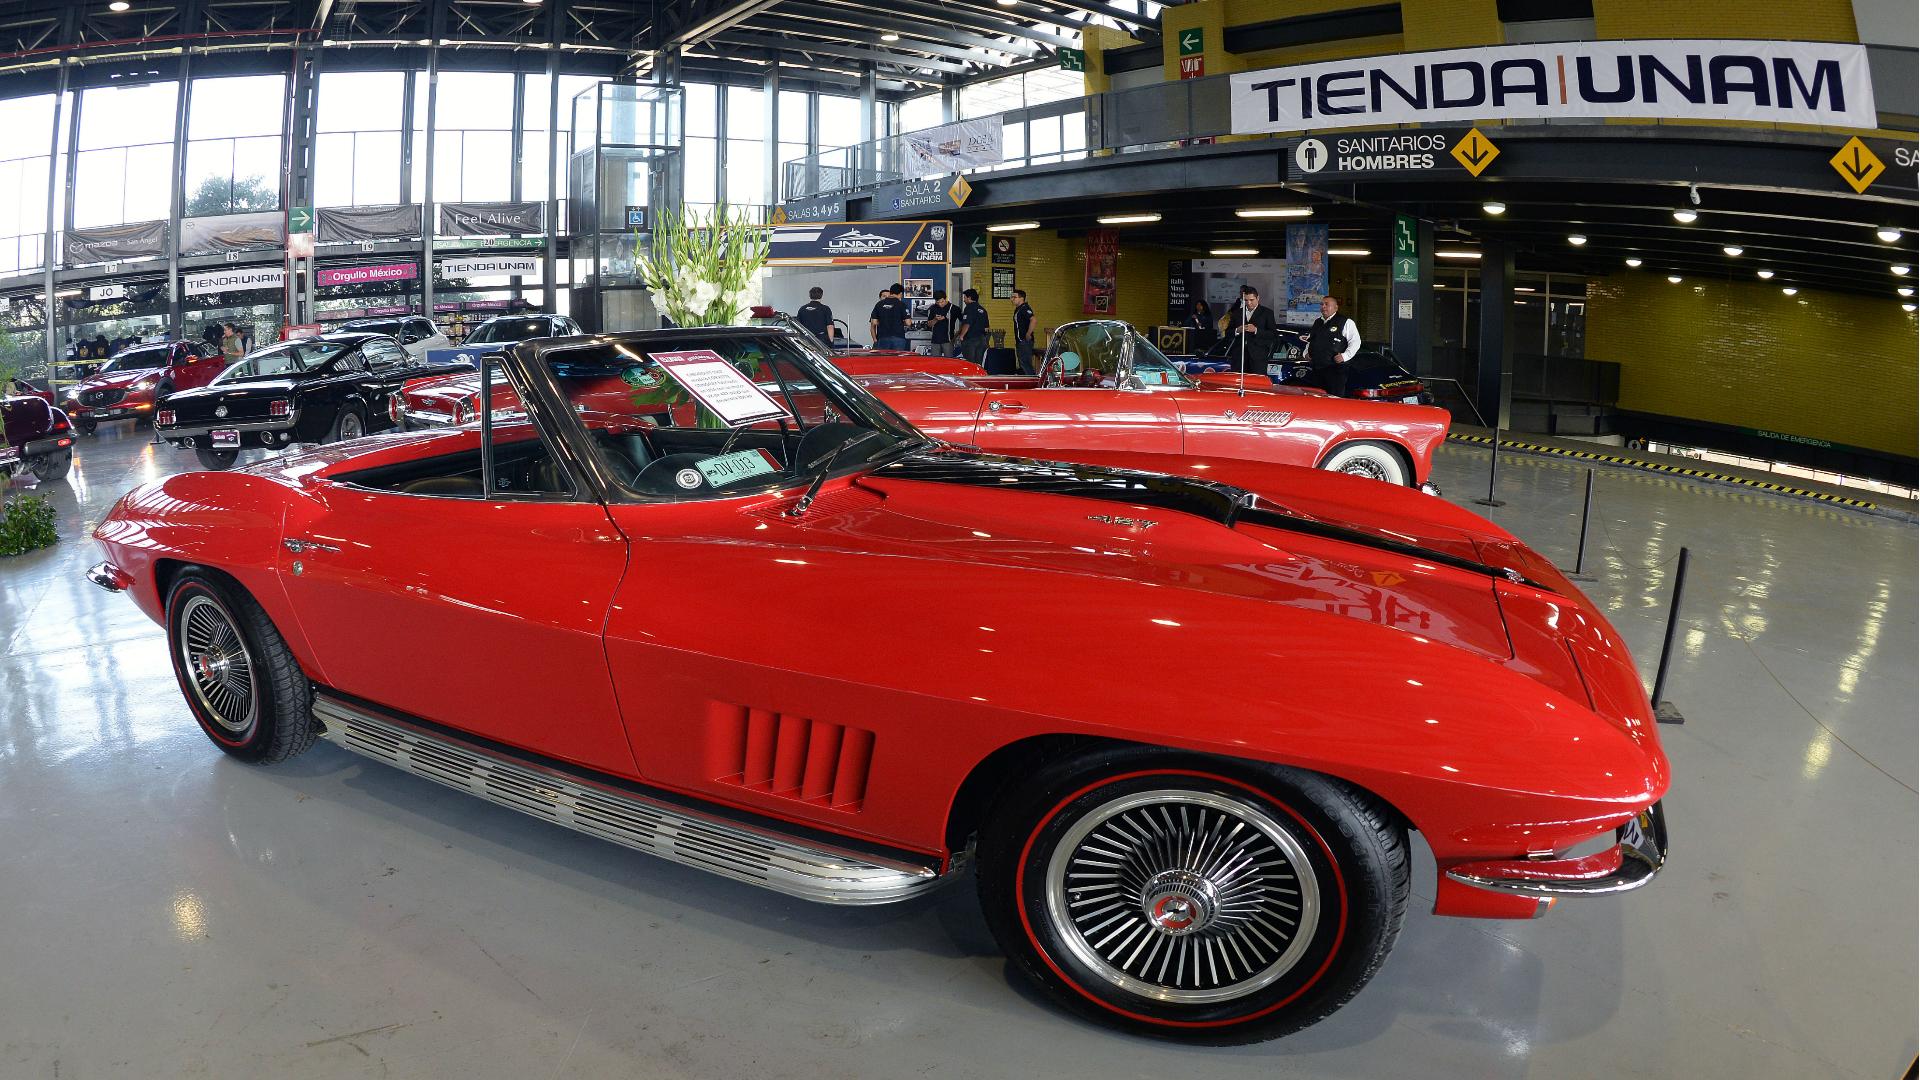 Se presentaron más de 100 modelos deportivos de los años 60 (Foto: UNAM)